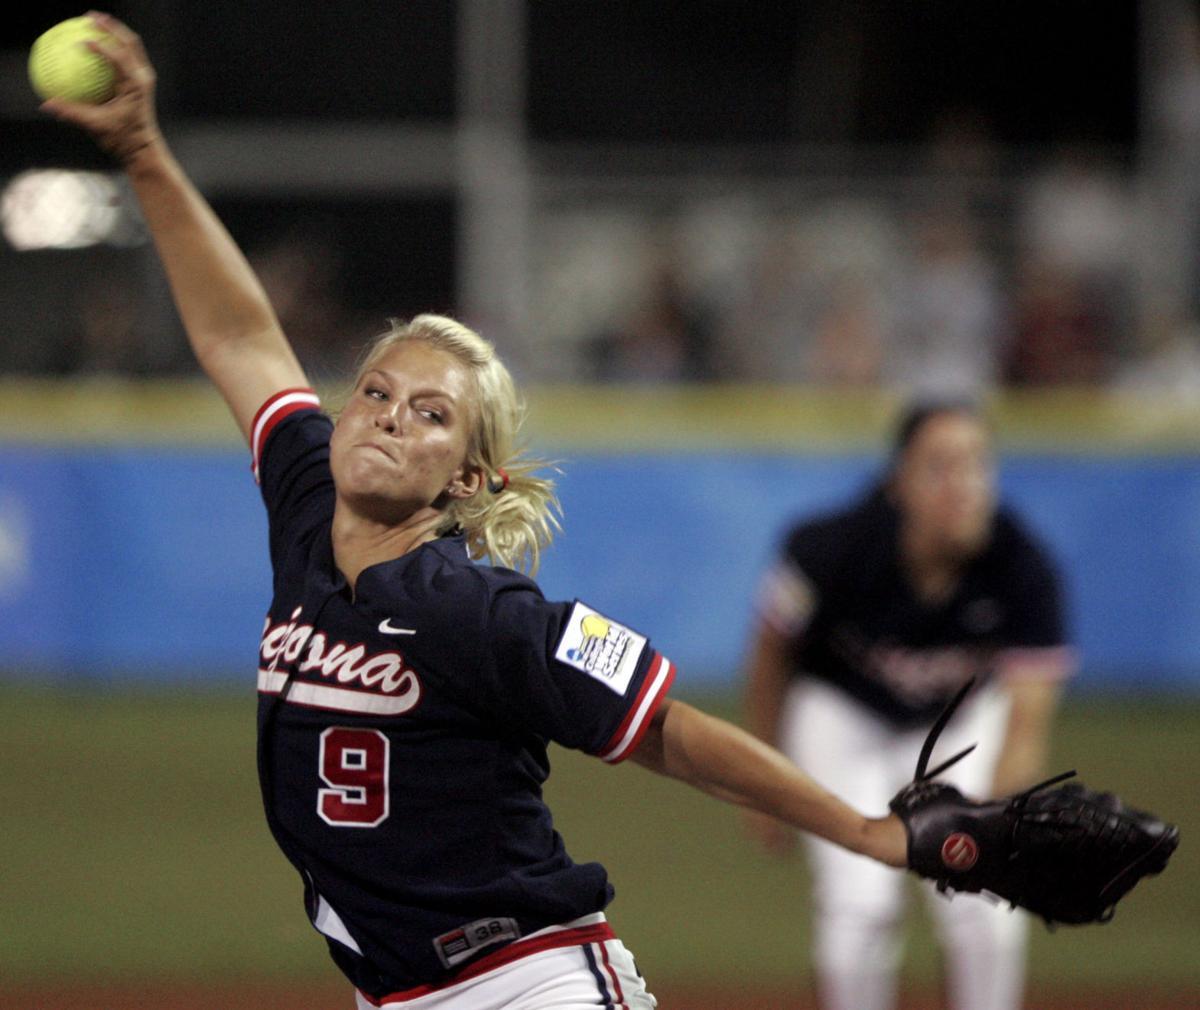 University of Arizona pitcher Taryne Mowatt